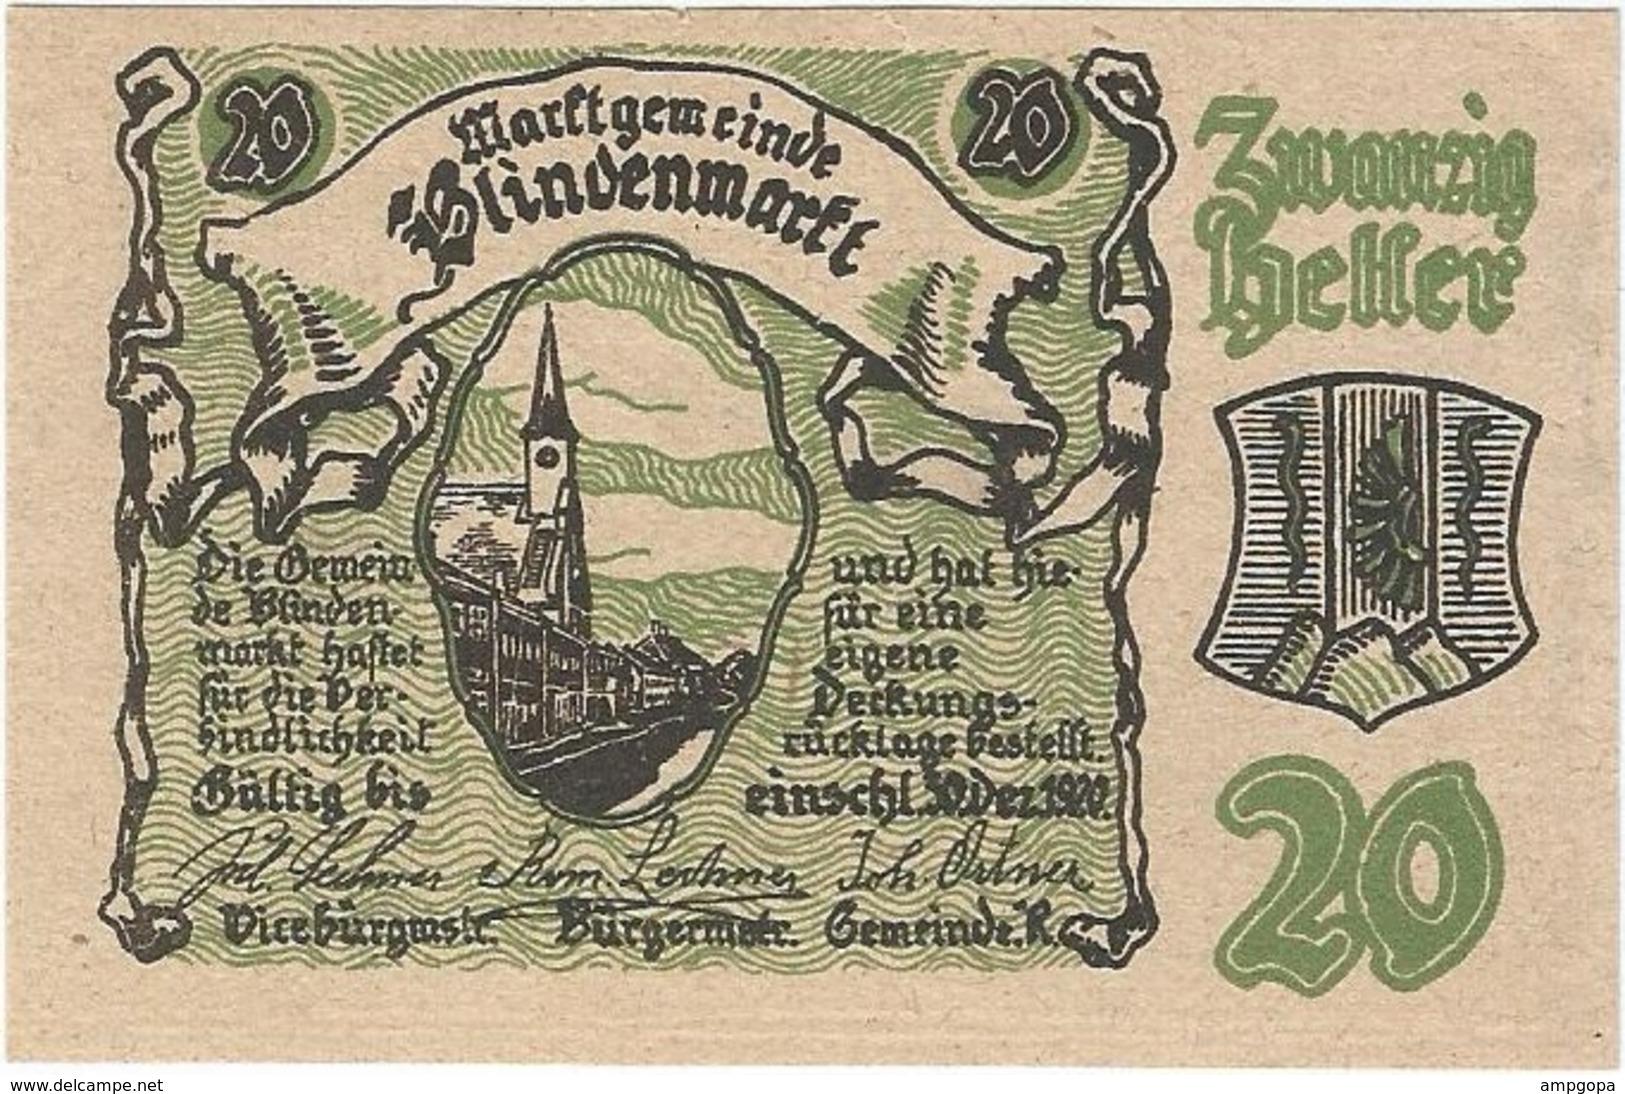 Austria (NOTGELD) 20 Heller 19-3-1920 Blindenmarkt KON 93 II.a.2 UNC Ref 3540-1 - Austria